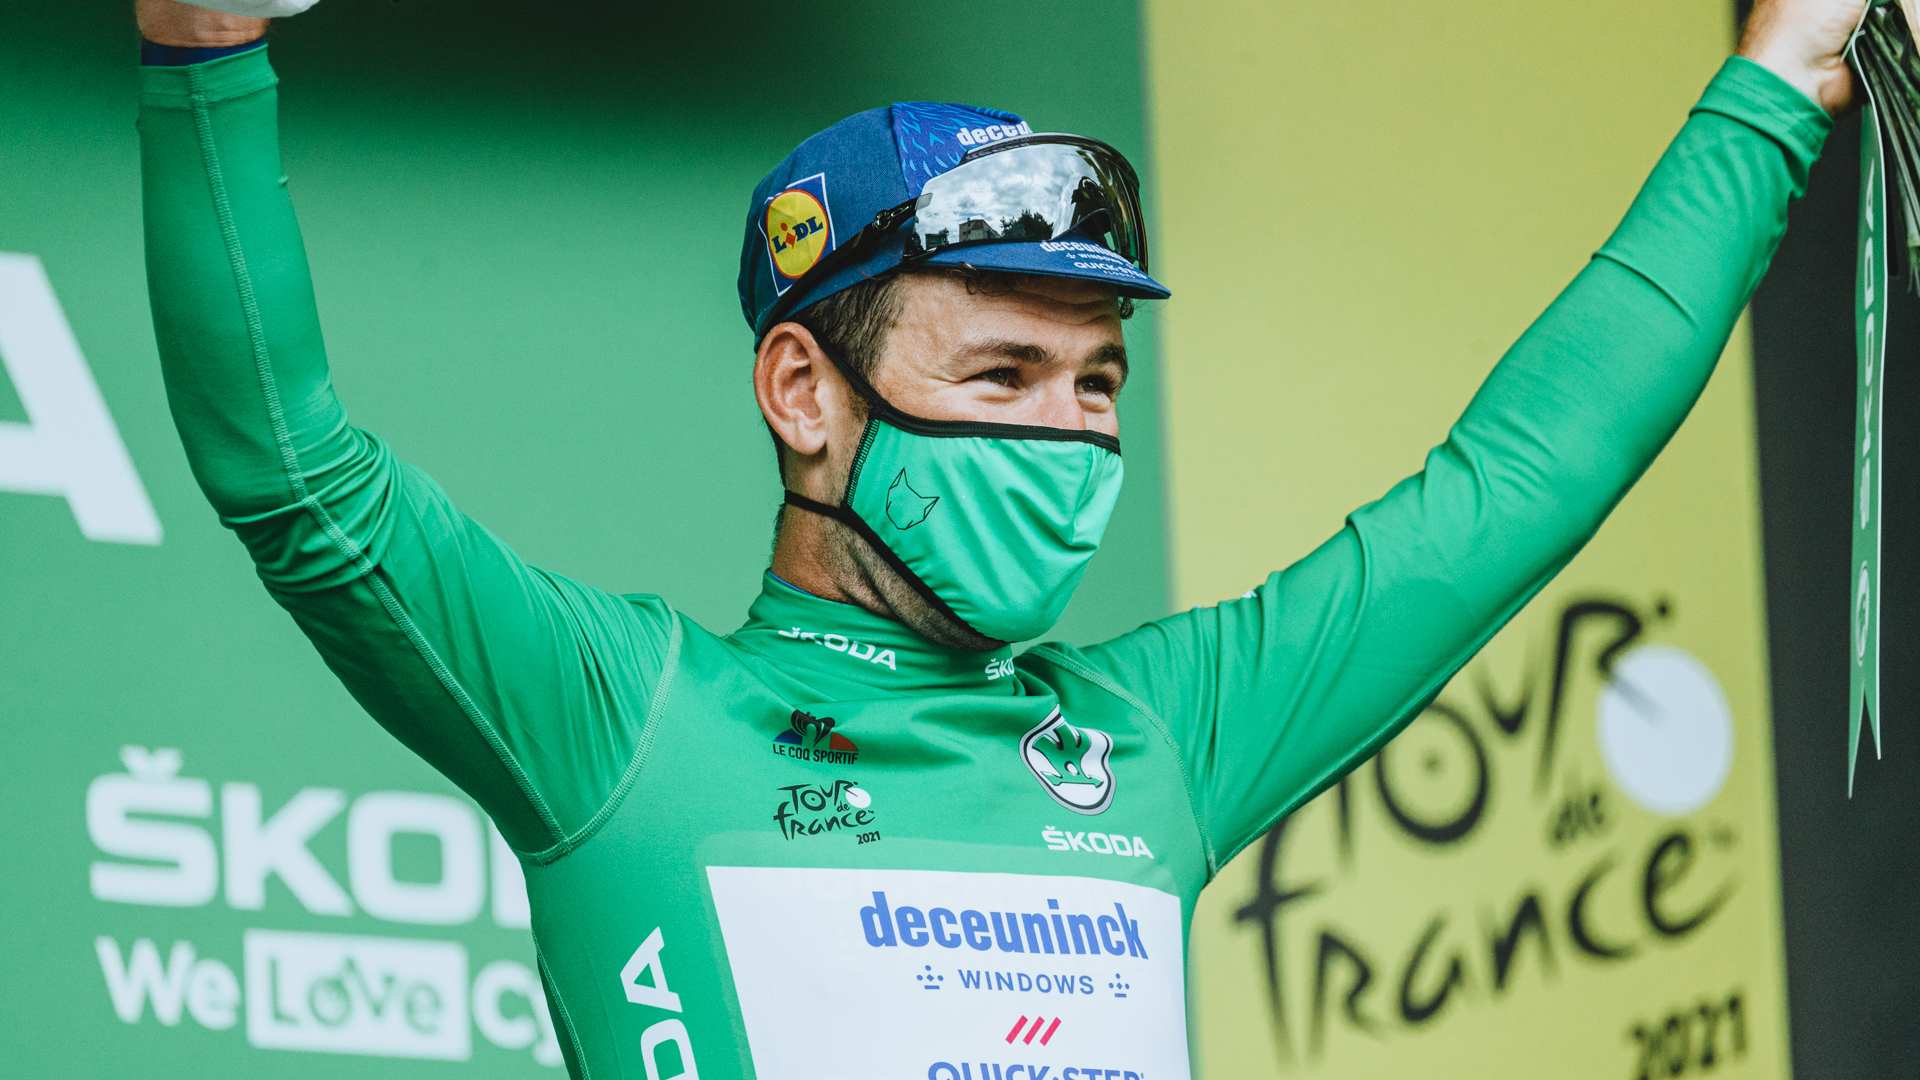 Tour De France Sprinter Green Cycling Cap Le Coq Sportif Brand New NOS